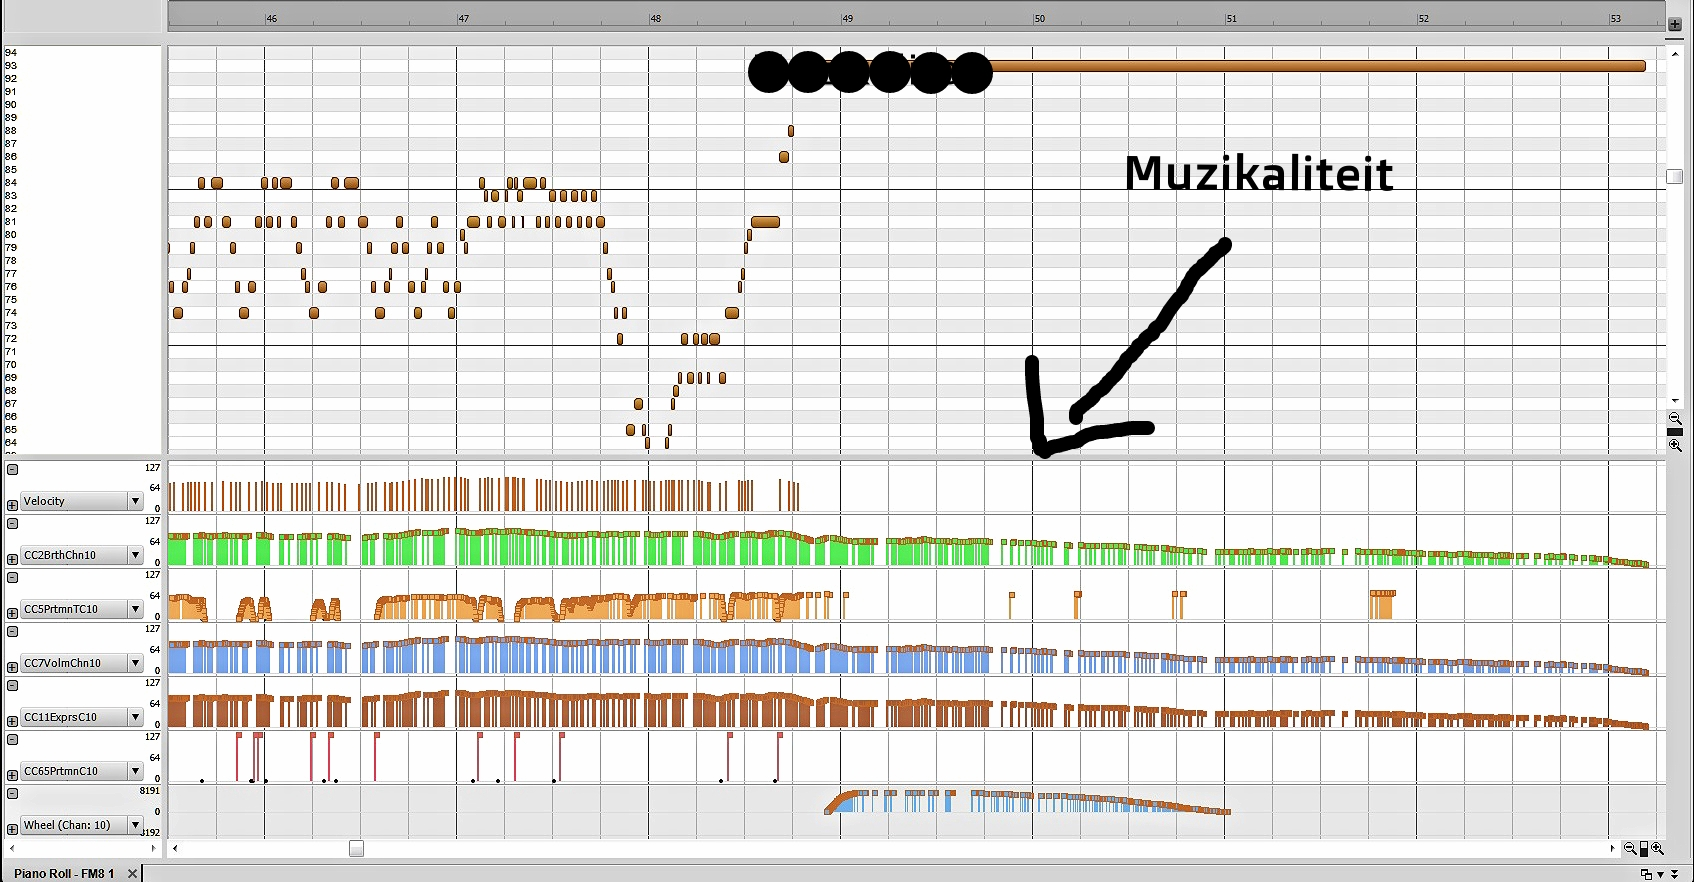 Met behulp van midi kan een muzikale uitvoering direct worden vastgelegd - een midi-file is immers een digitale geluidsdrager